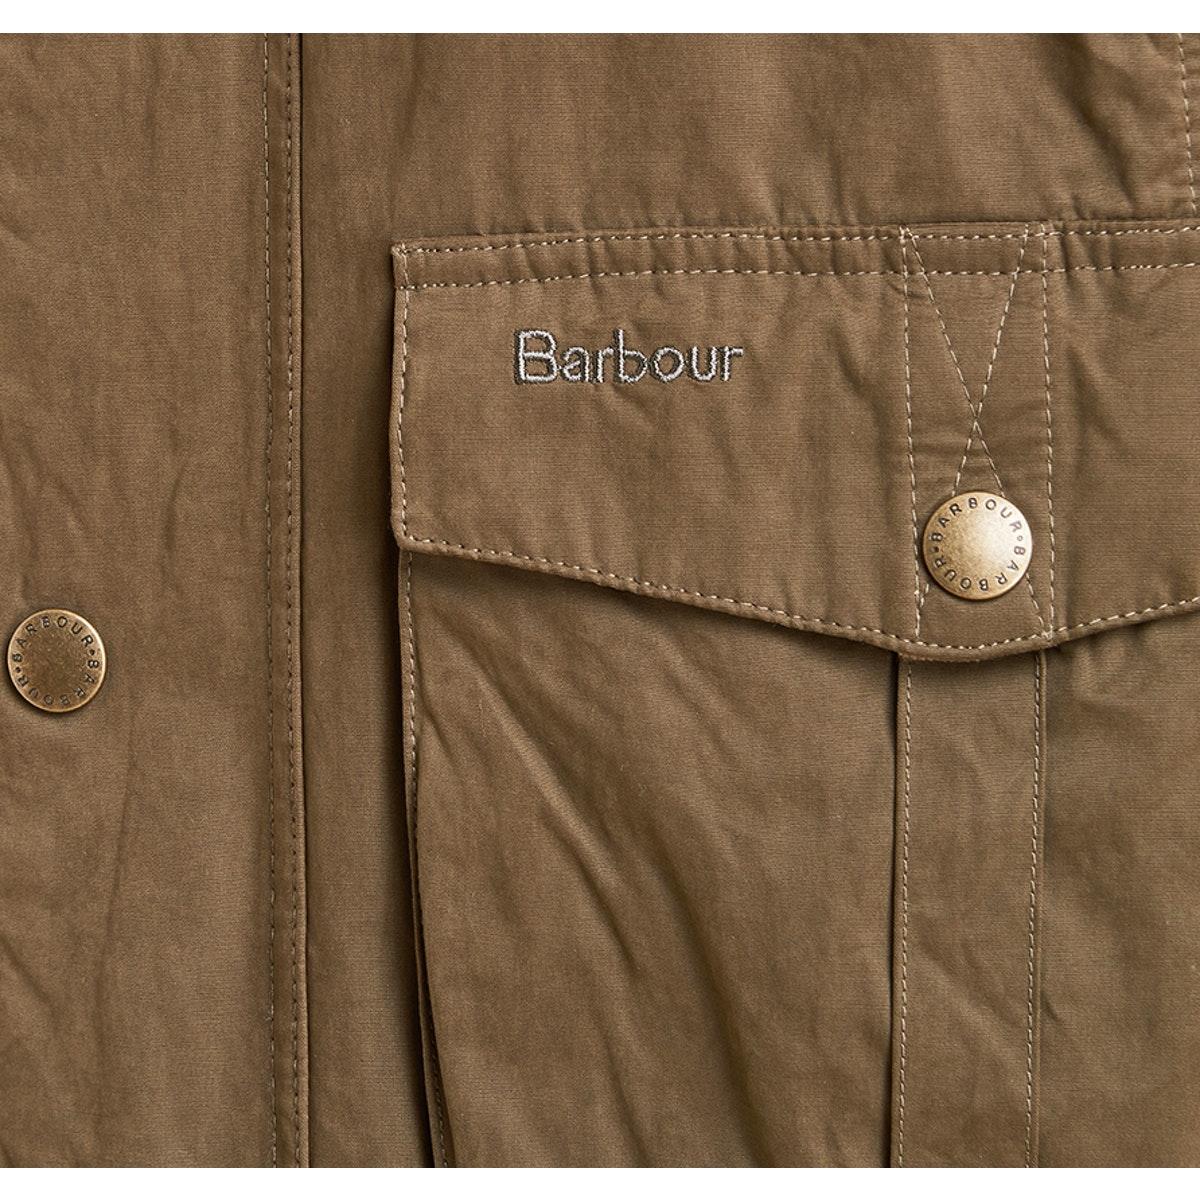 Barbour Sanderling Jacket – Sand